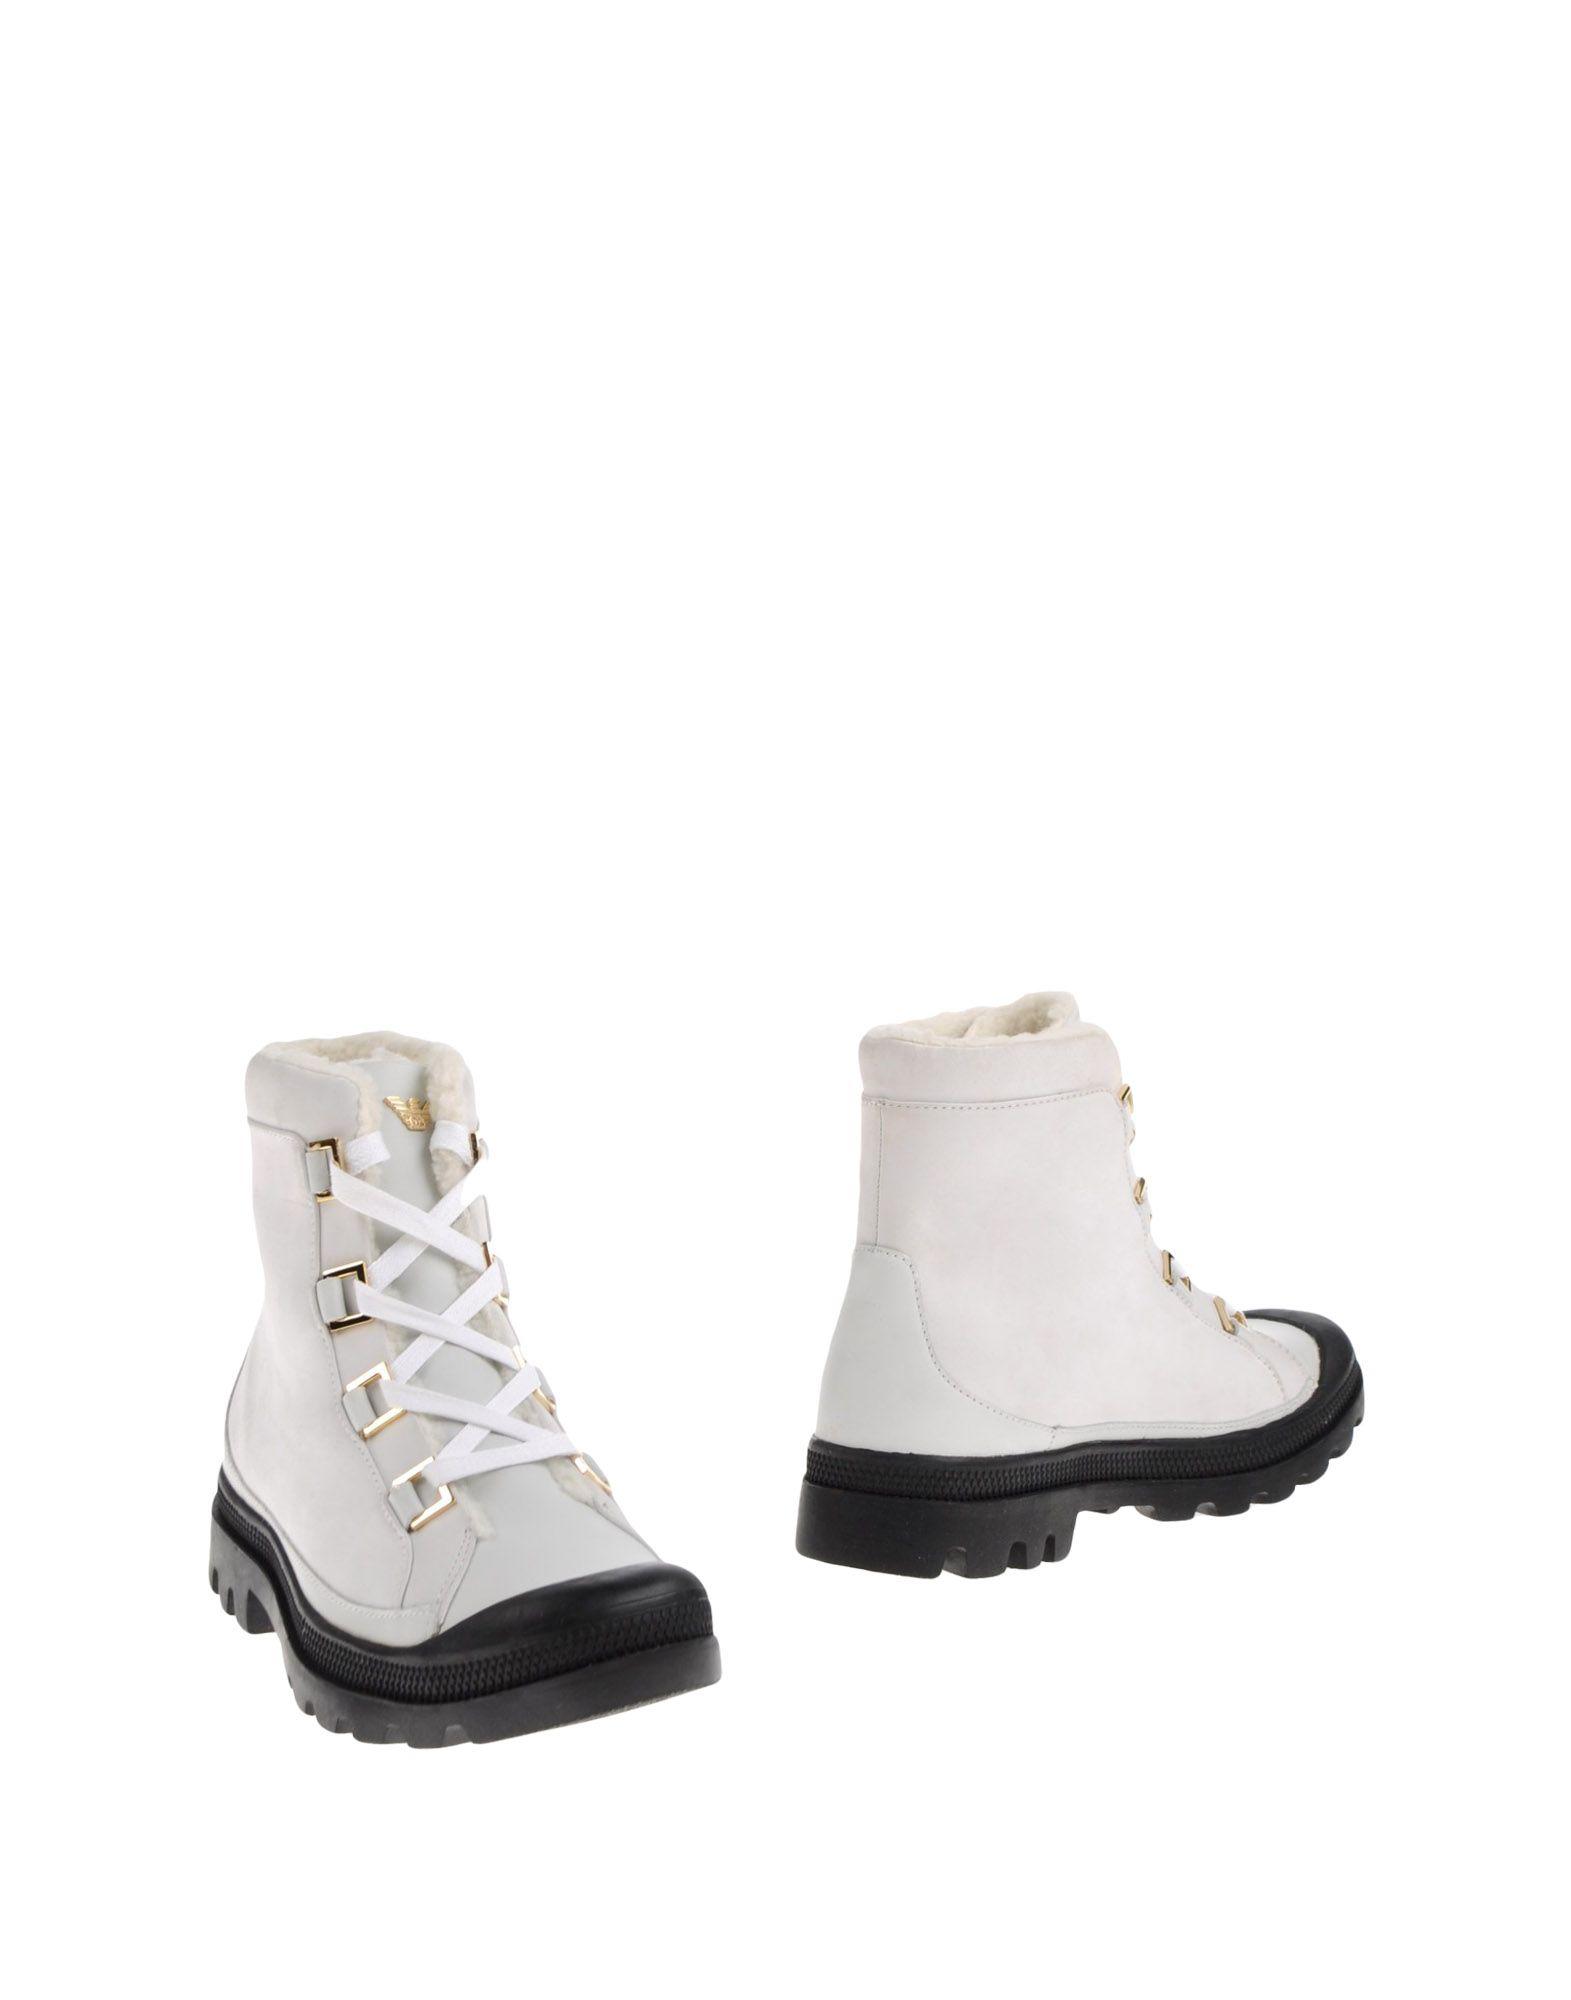 Emporio Armani Stiefelette Damen strapazierfähige  11239896FRGut aussehende strapazierfähige Damen Schuhe 28c2c5